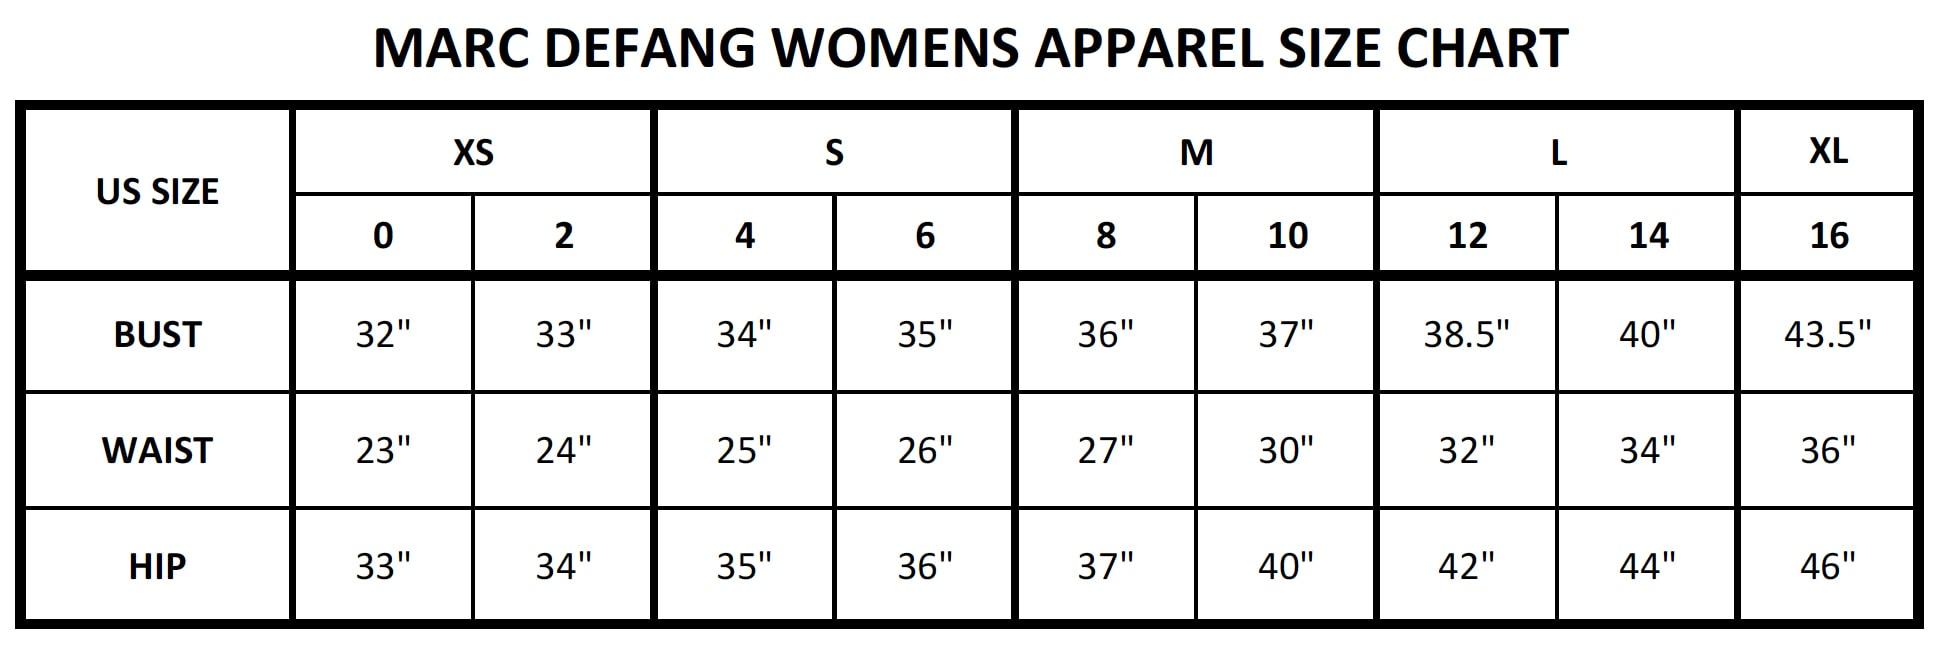 womens-apparel-size-chart-min.jpg